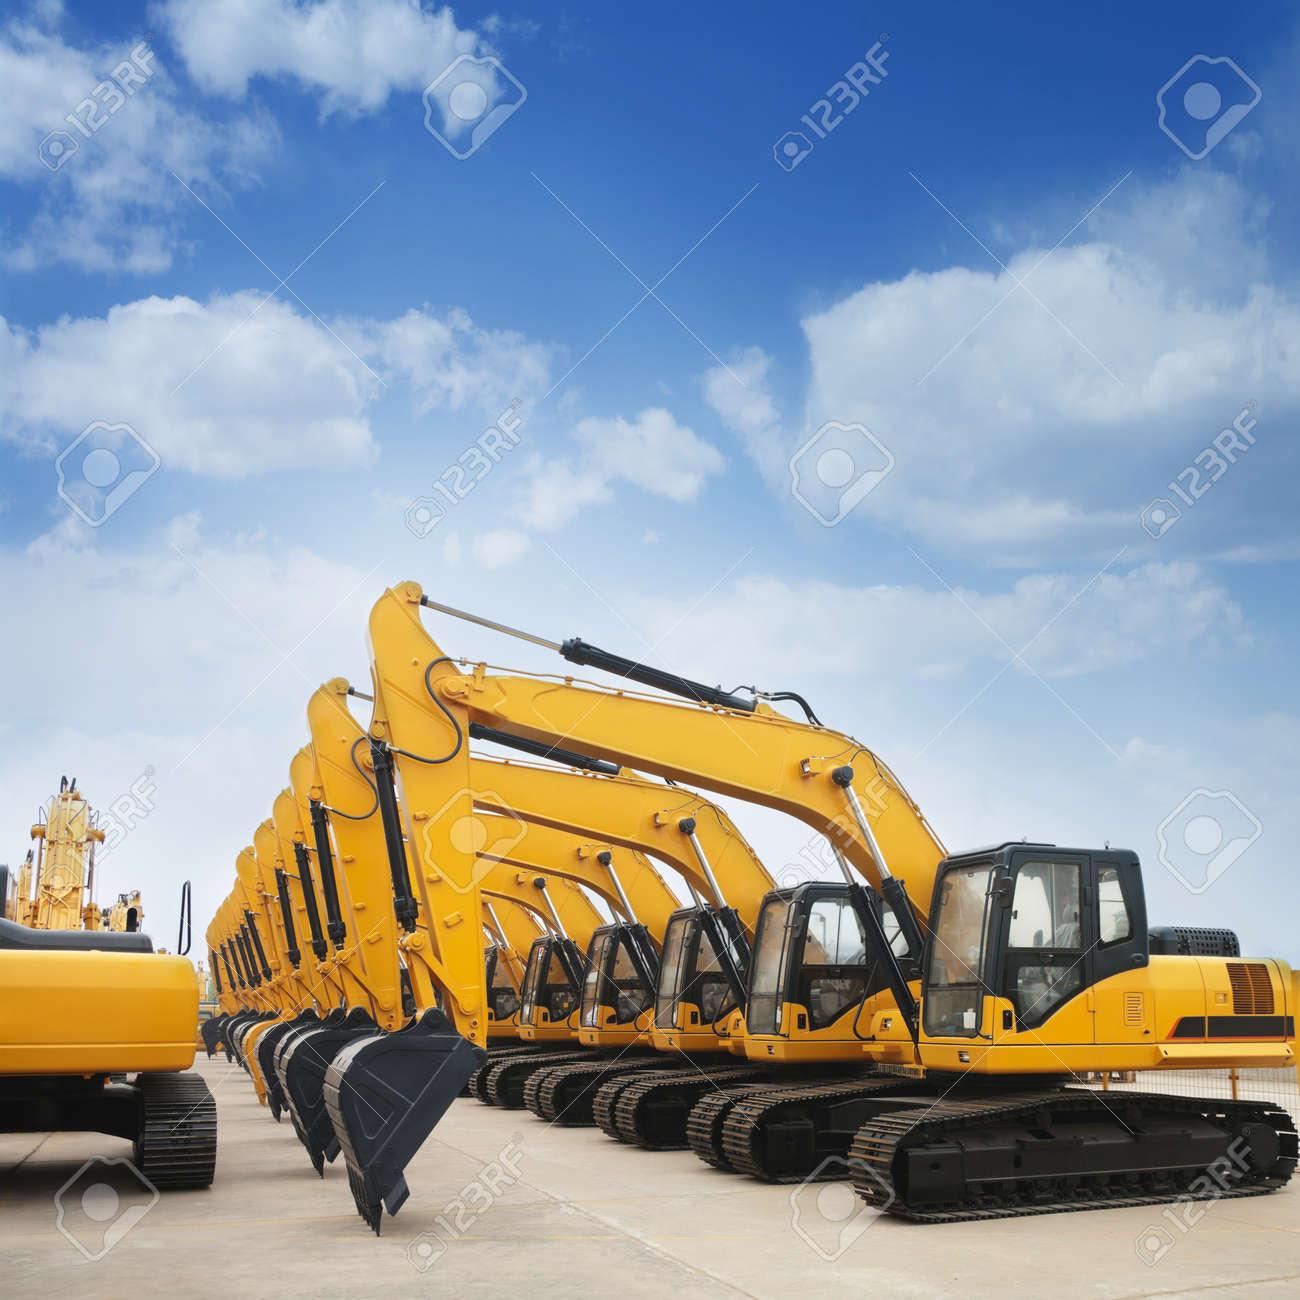 shiny and modern yellow excavator machines Stock Photo - 9757407